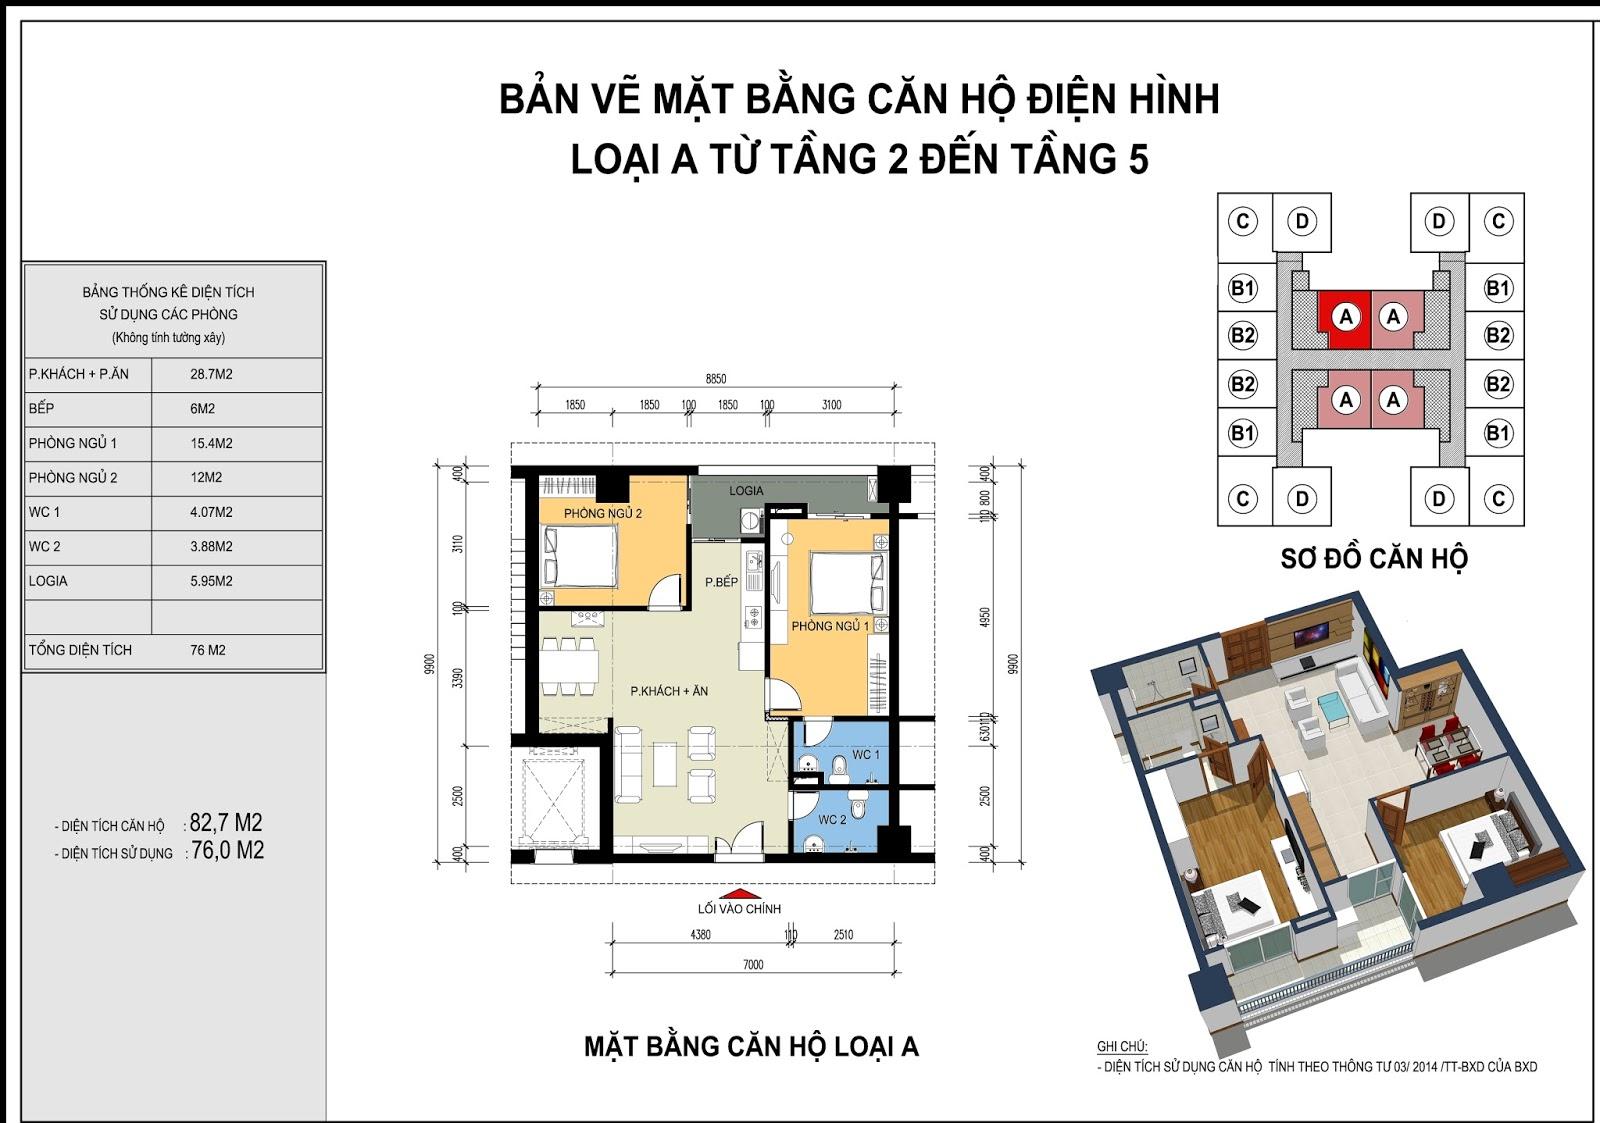 Mặt bằng căn hộ điển hình loại A từ tầng 2 - 15